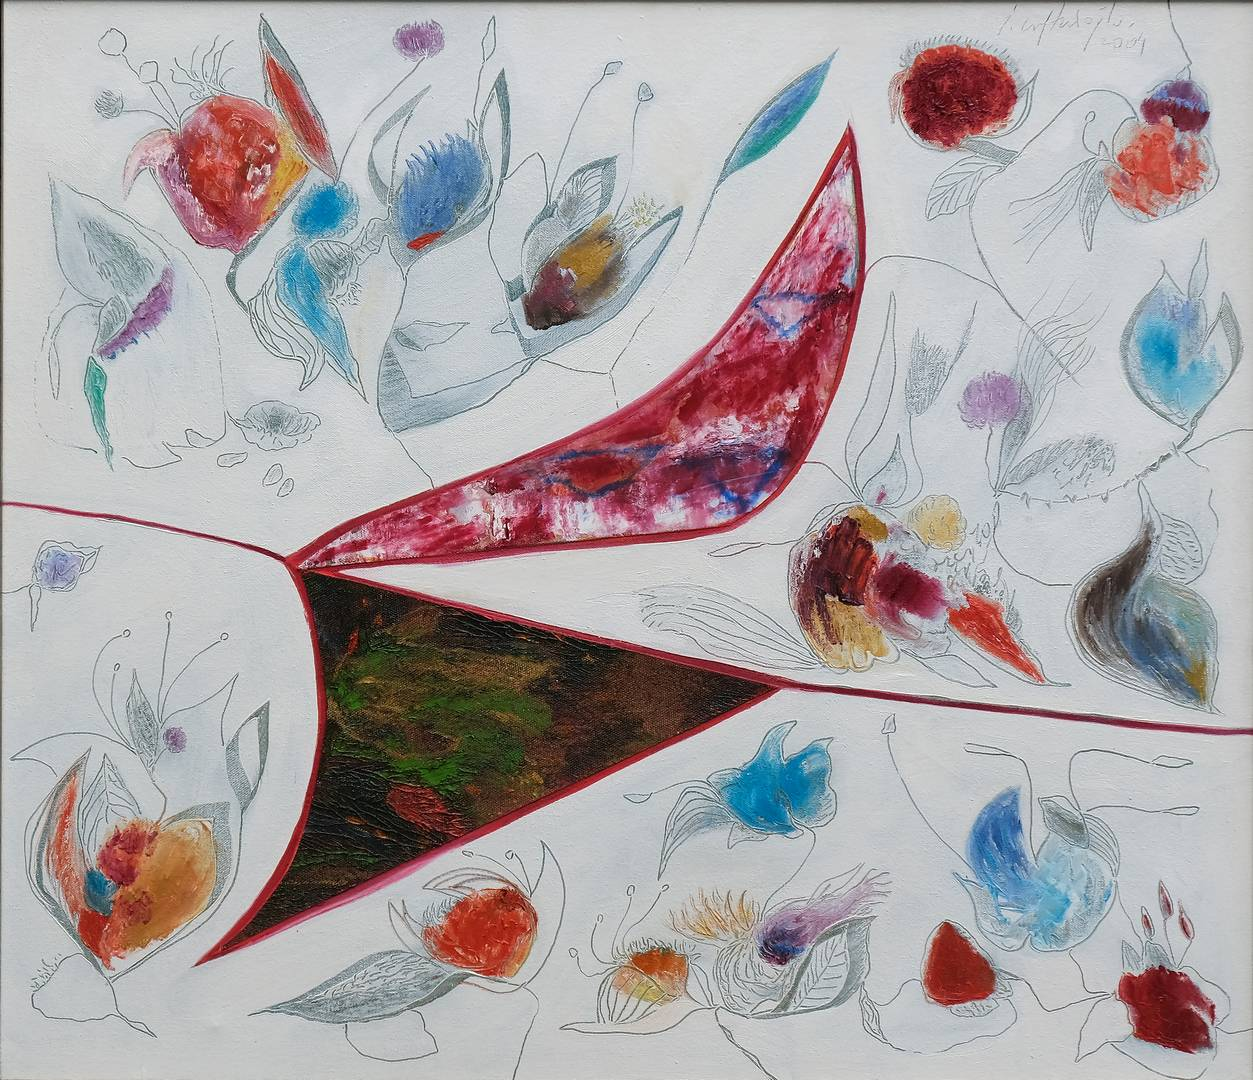 İbrahim Çiftçioğlu, Nakkaşın Çiçekli Bahçe Gezintisi, 65x75 cm, Tuval üzerine yağlı boya, 2004